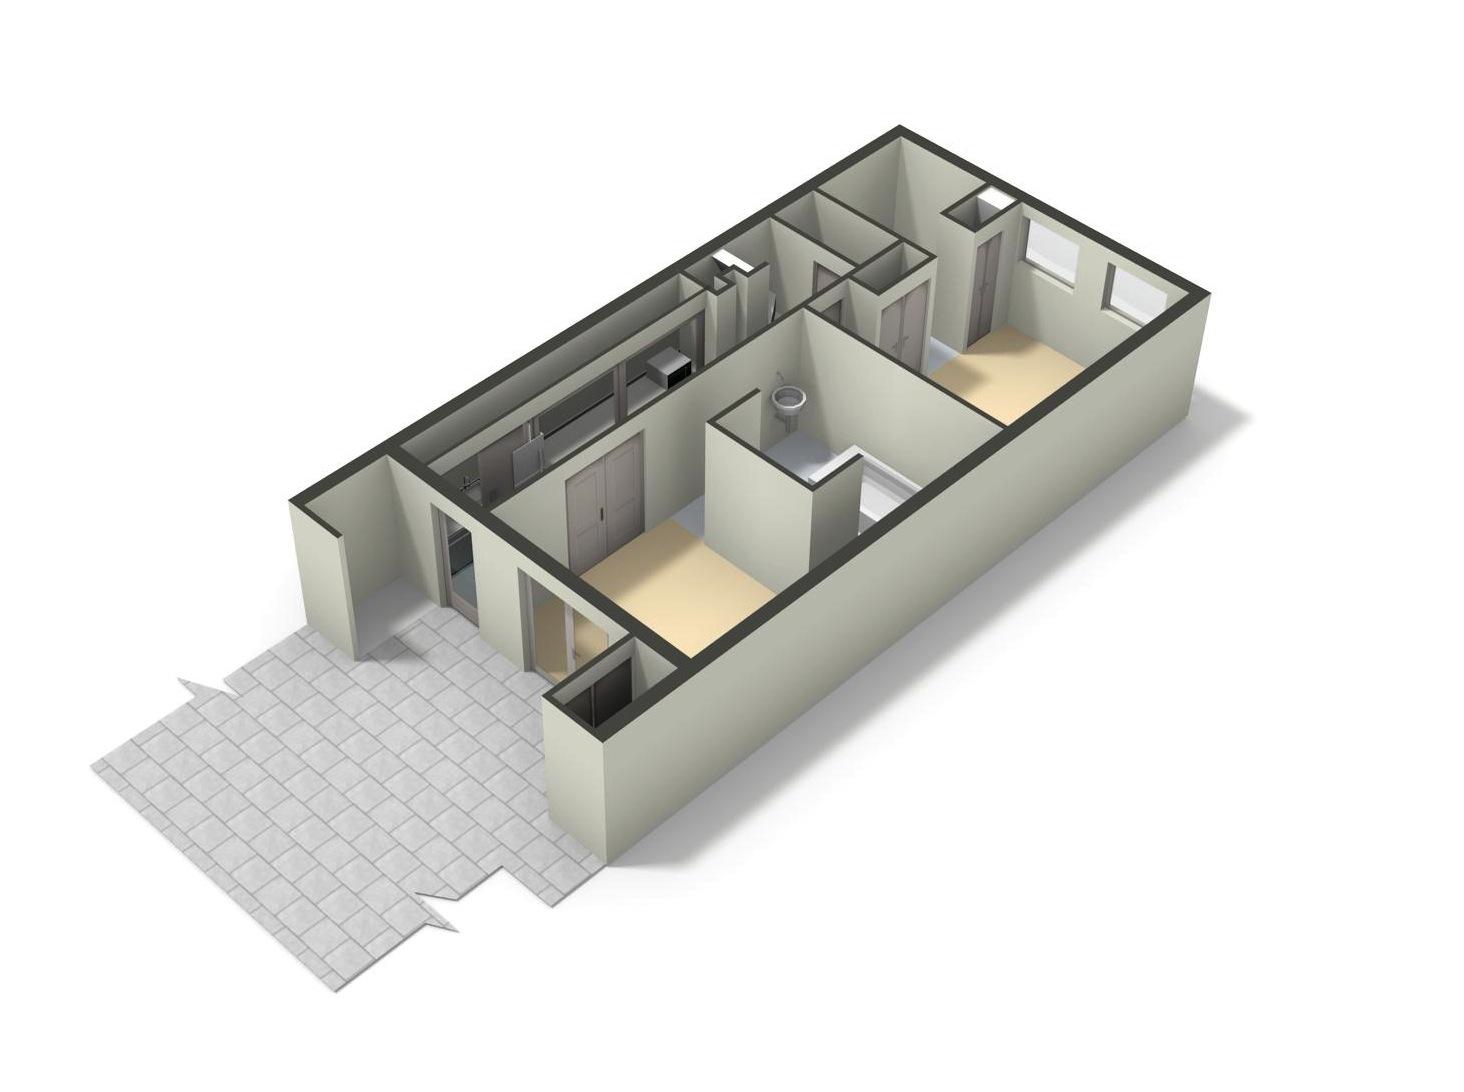 Cornelis Schuytstraat 6 hs 1071 JH, Amsterdam, Noord-Holland Nederland, 2 Bedrooms Bedrooms, ,2 BathroomsBathrooms,Apartment,For Rent,Cornelis Schuytstraat ,1110